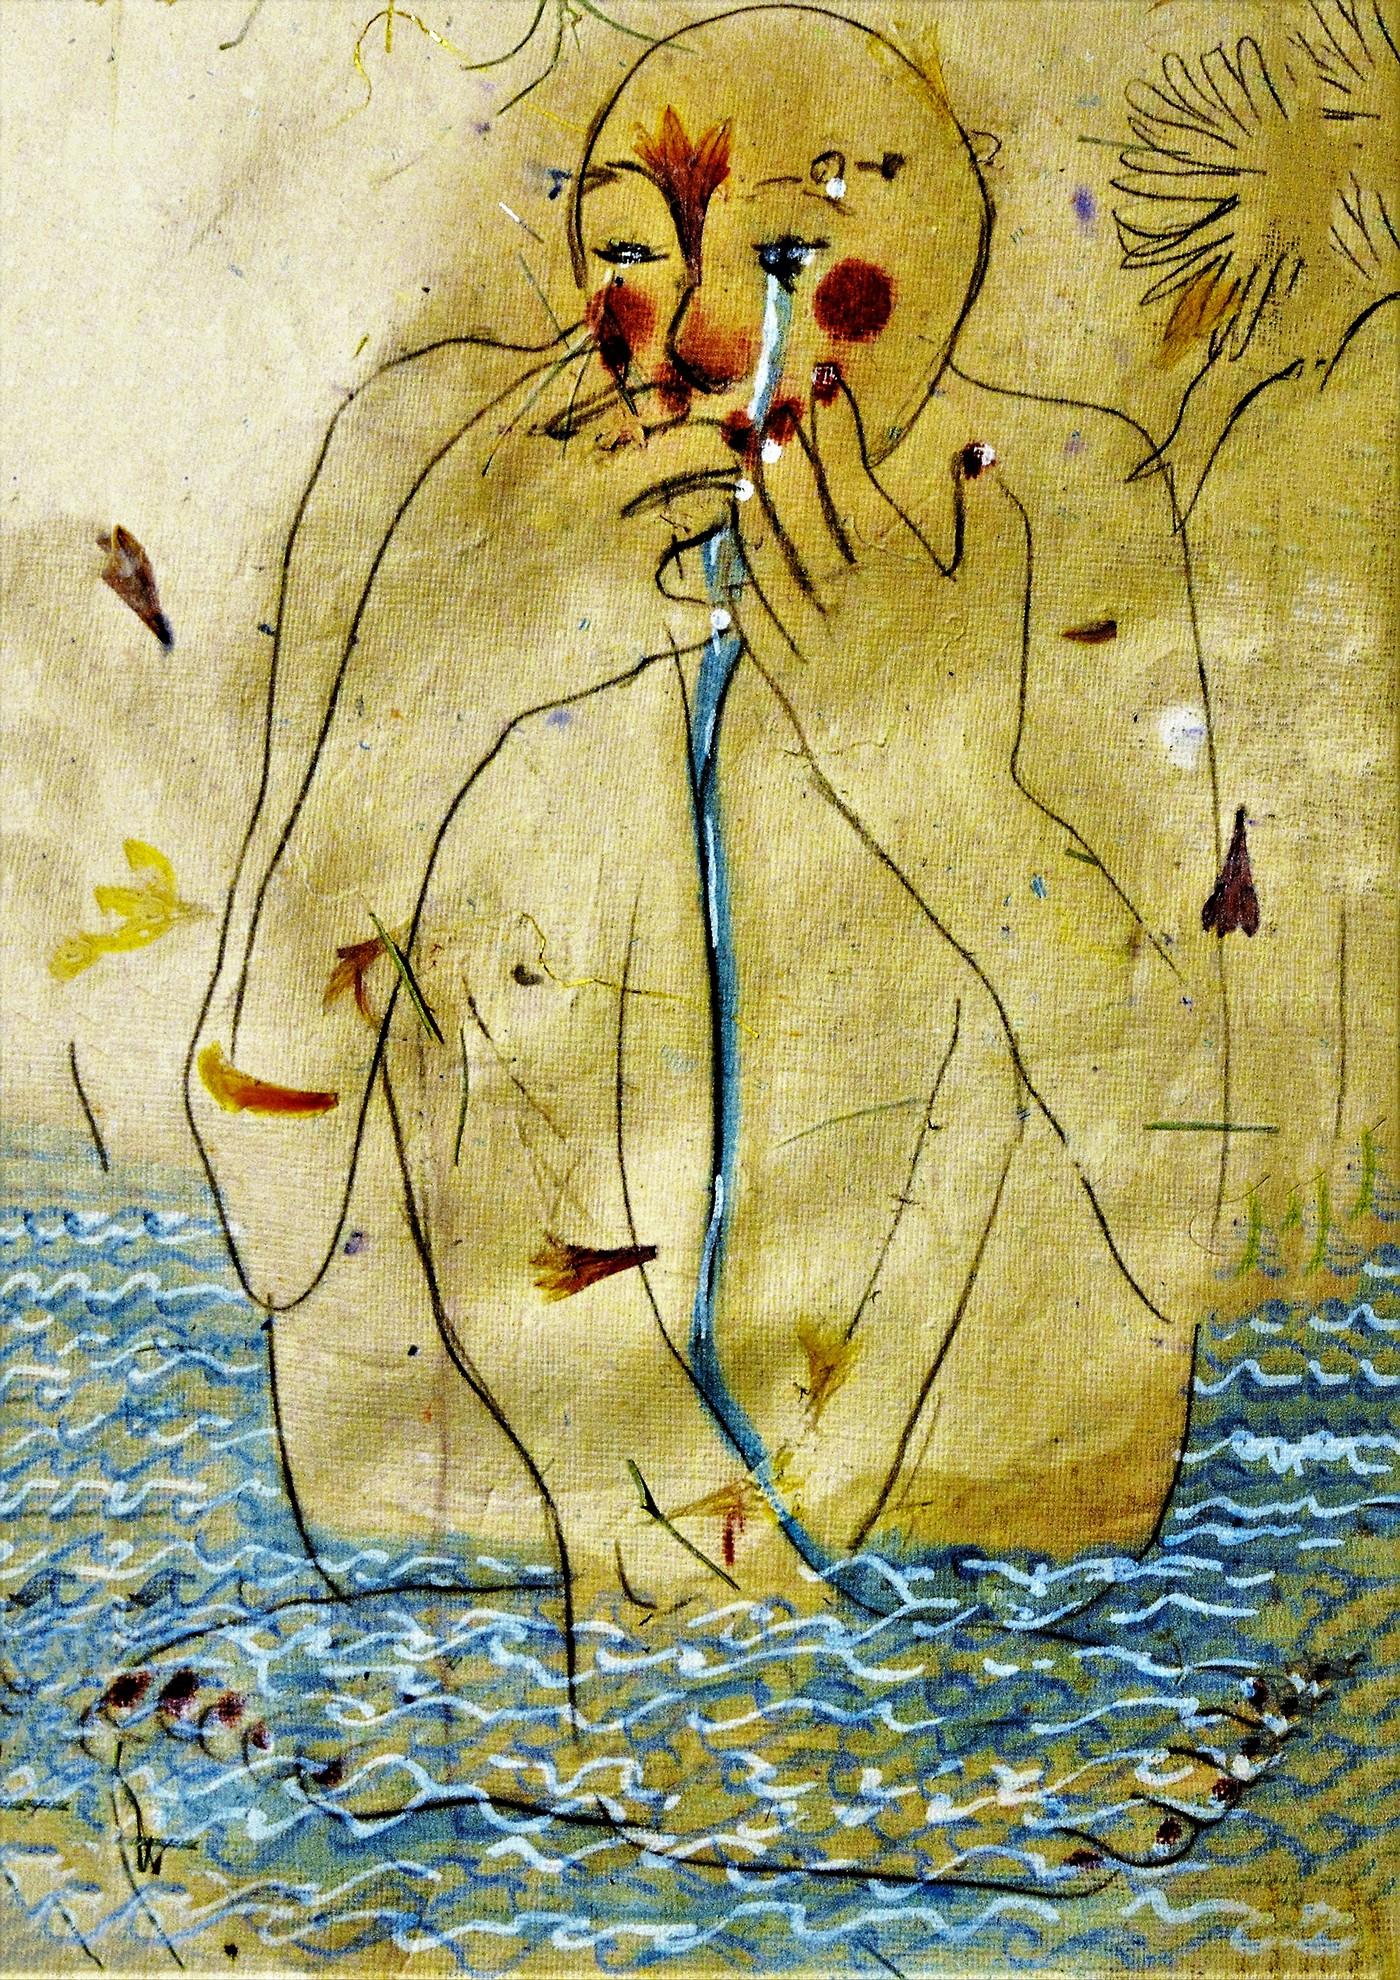 olivia weiss giant riese zeitgenössische kunst